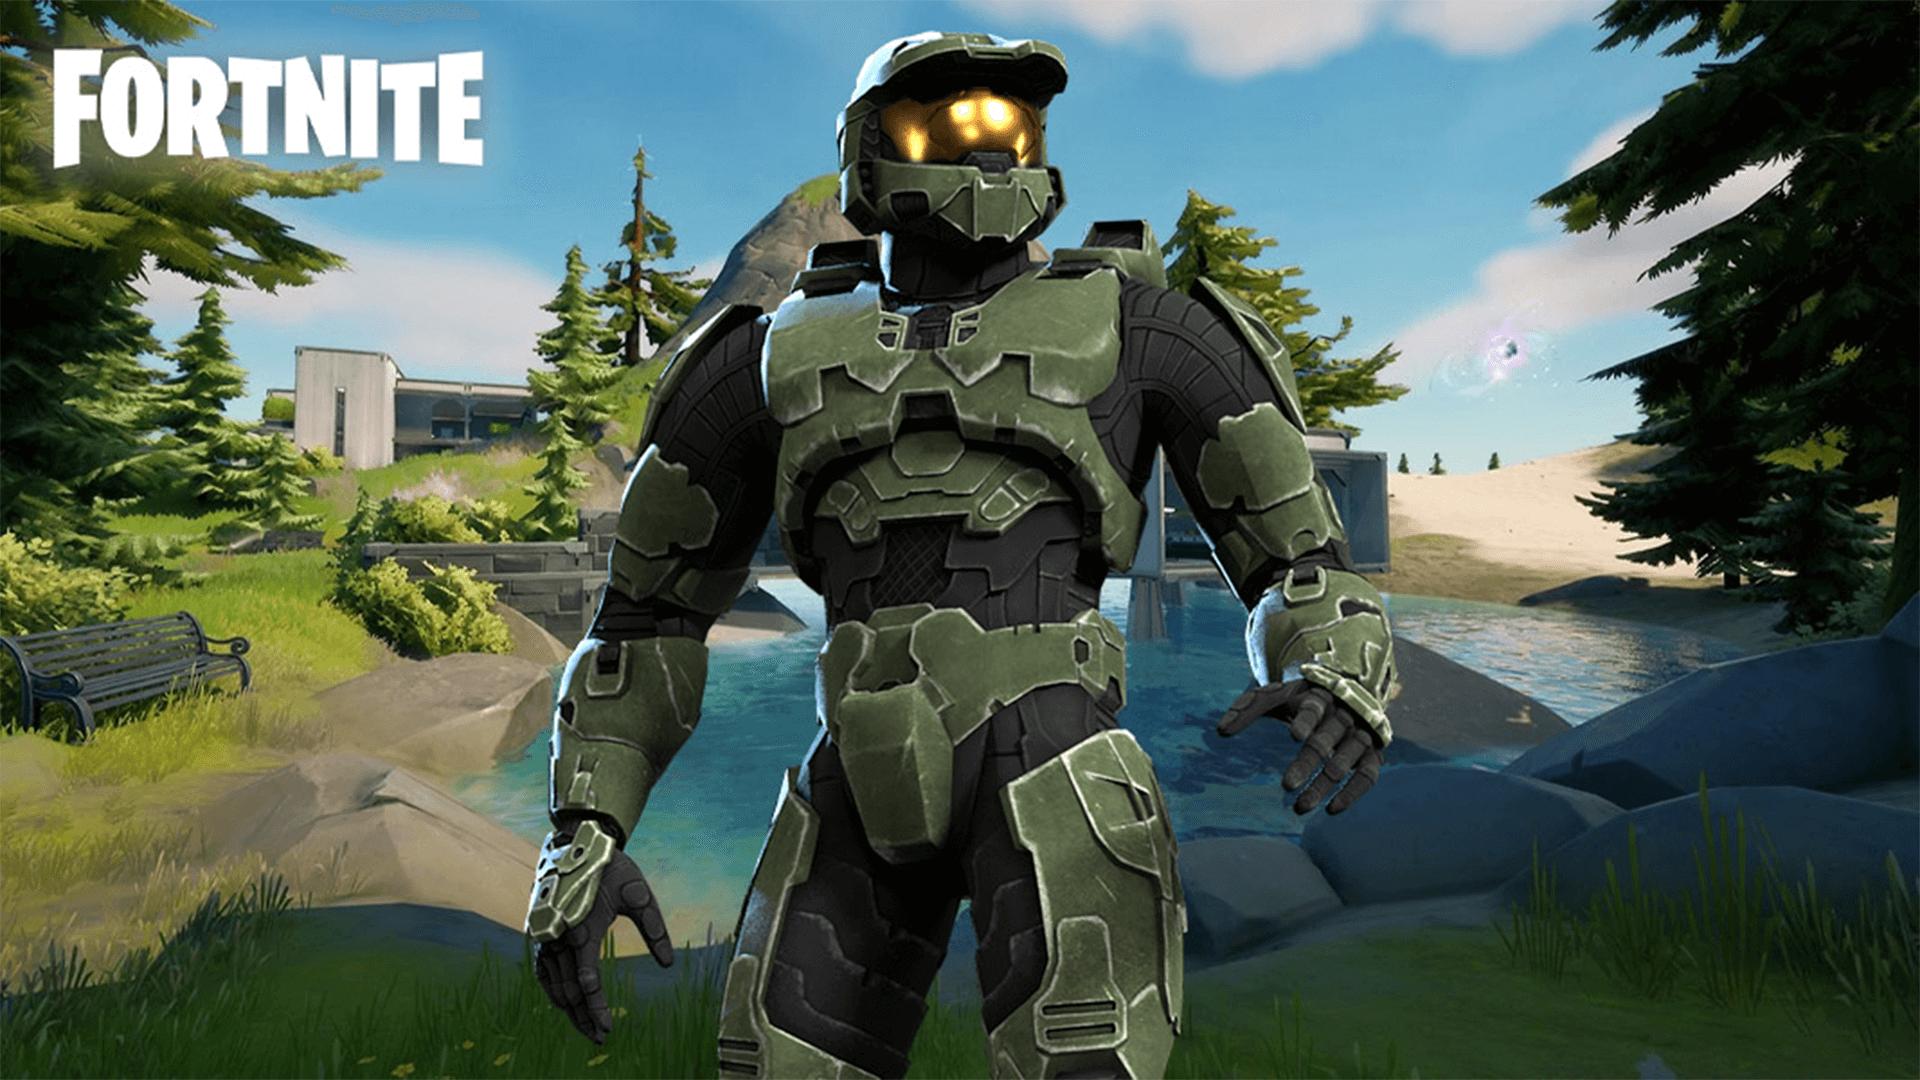 Se você estava pensando que o crossover de Halo e Fortnite seria apenas os itens cosméticos , um vazamento recente sugere algo diferente.